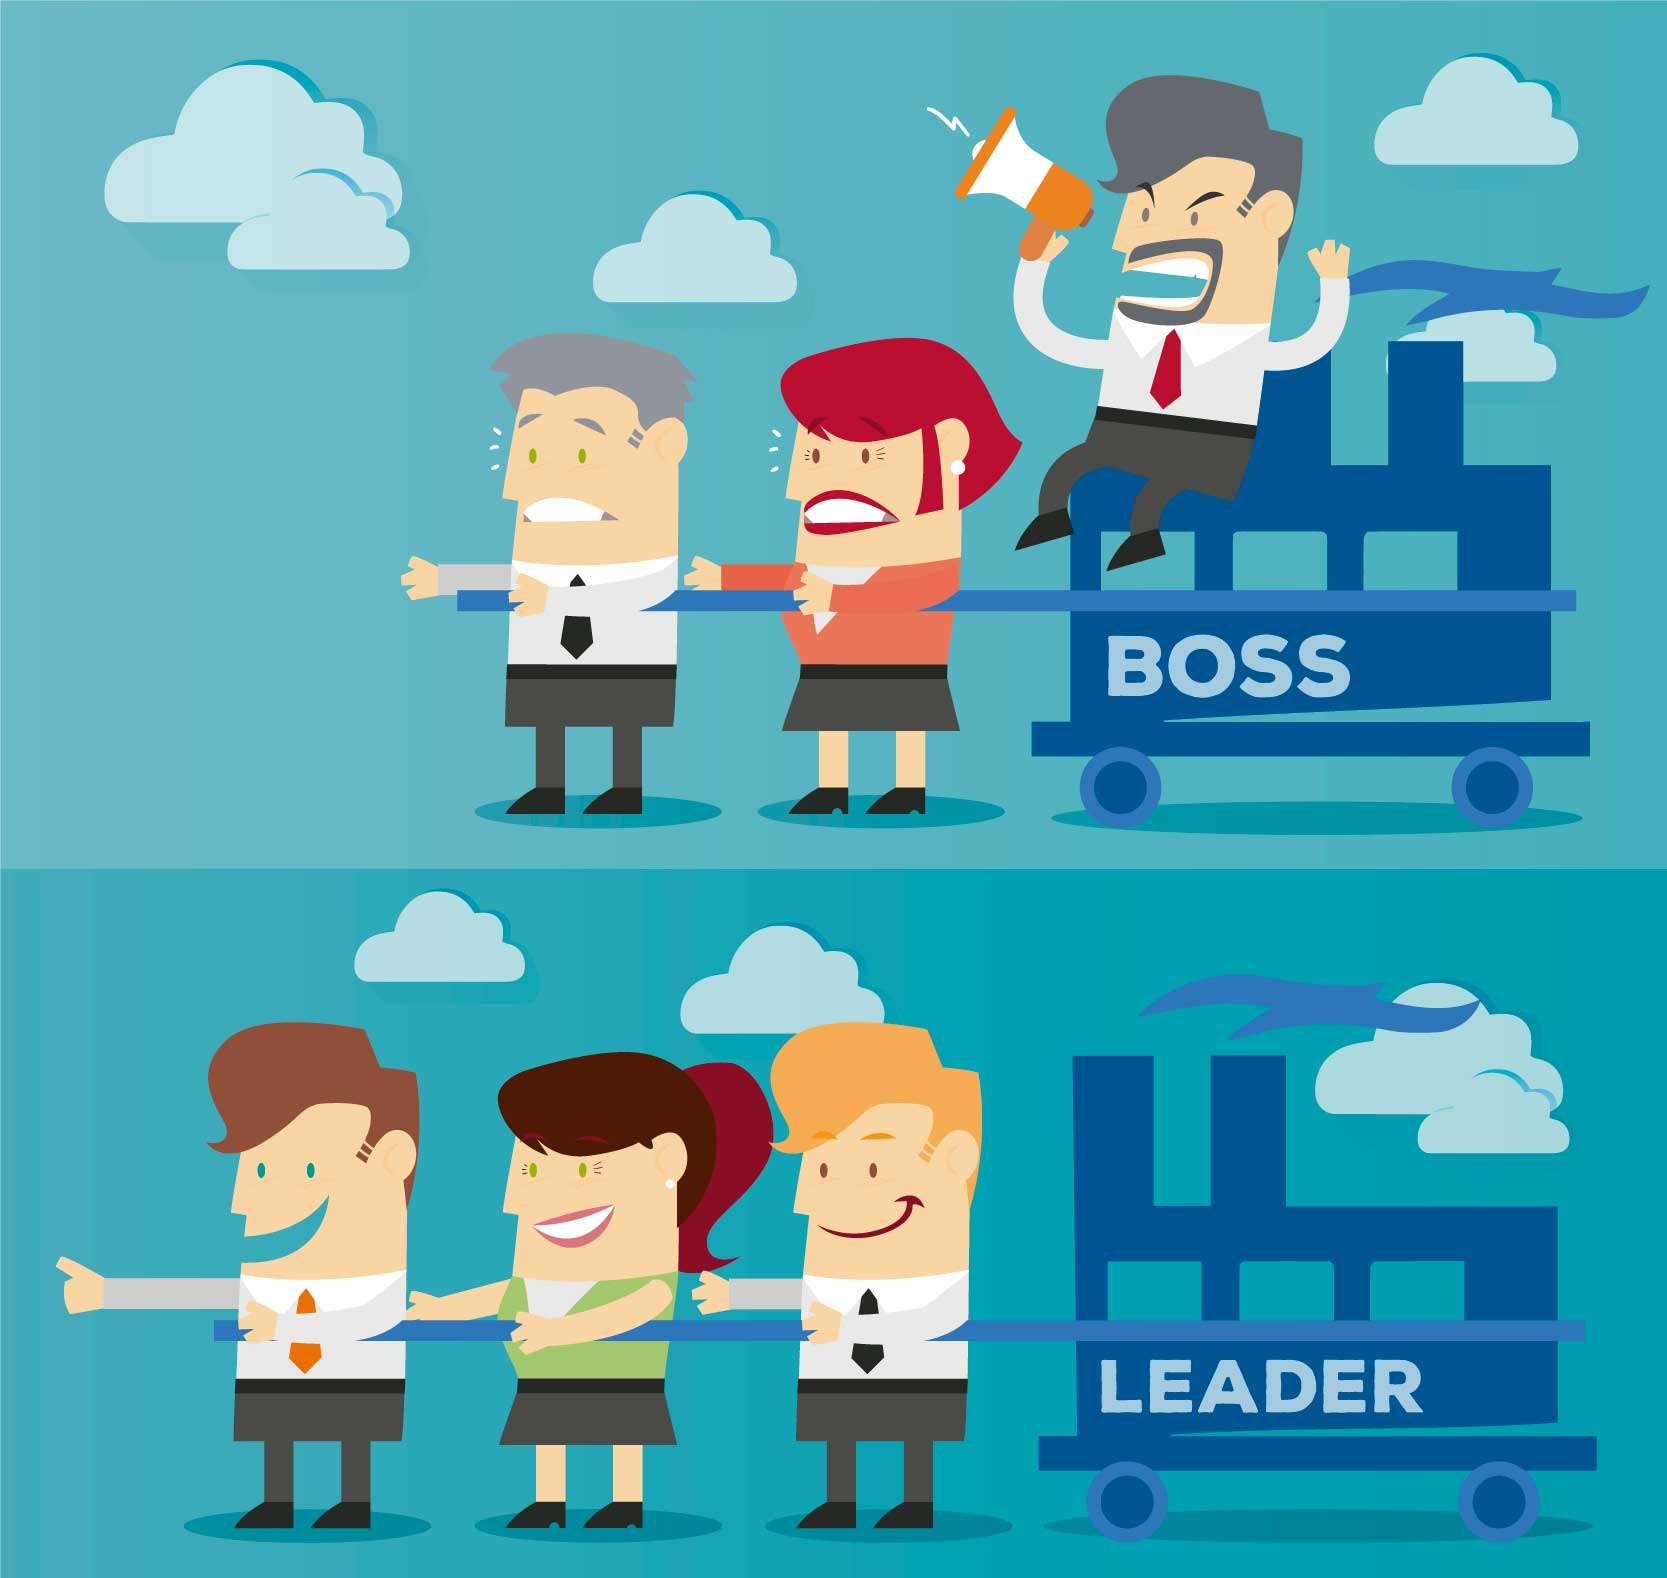 možemo-li-biti-uspješni-lideri-bez-emocionalne-inteligencije